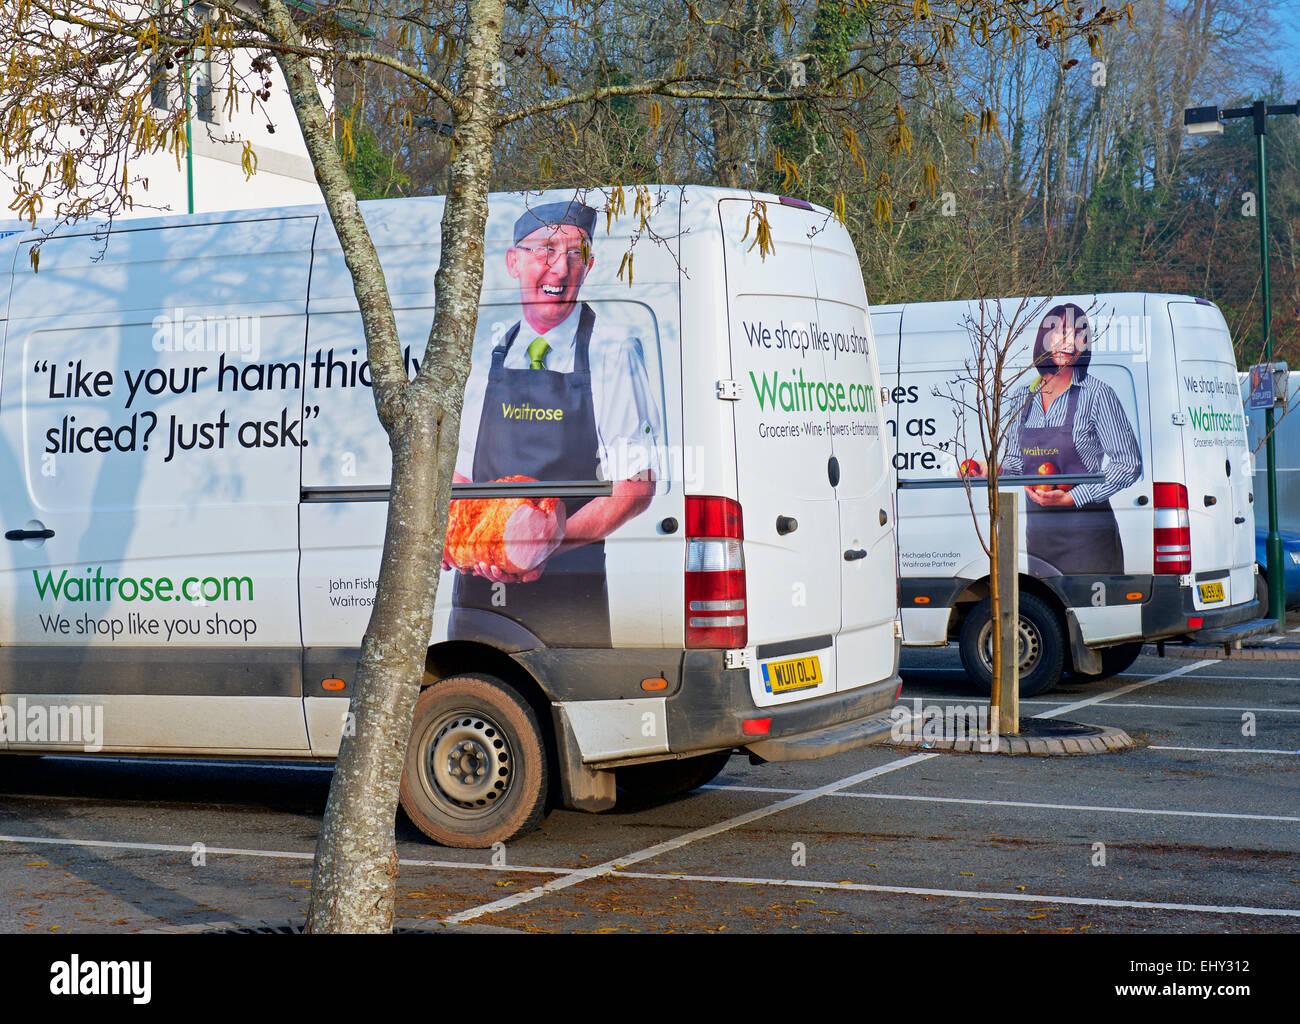 Waitrose delivery vans in car park, Emgland UK - Stock Image